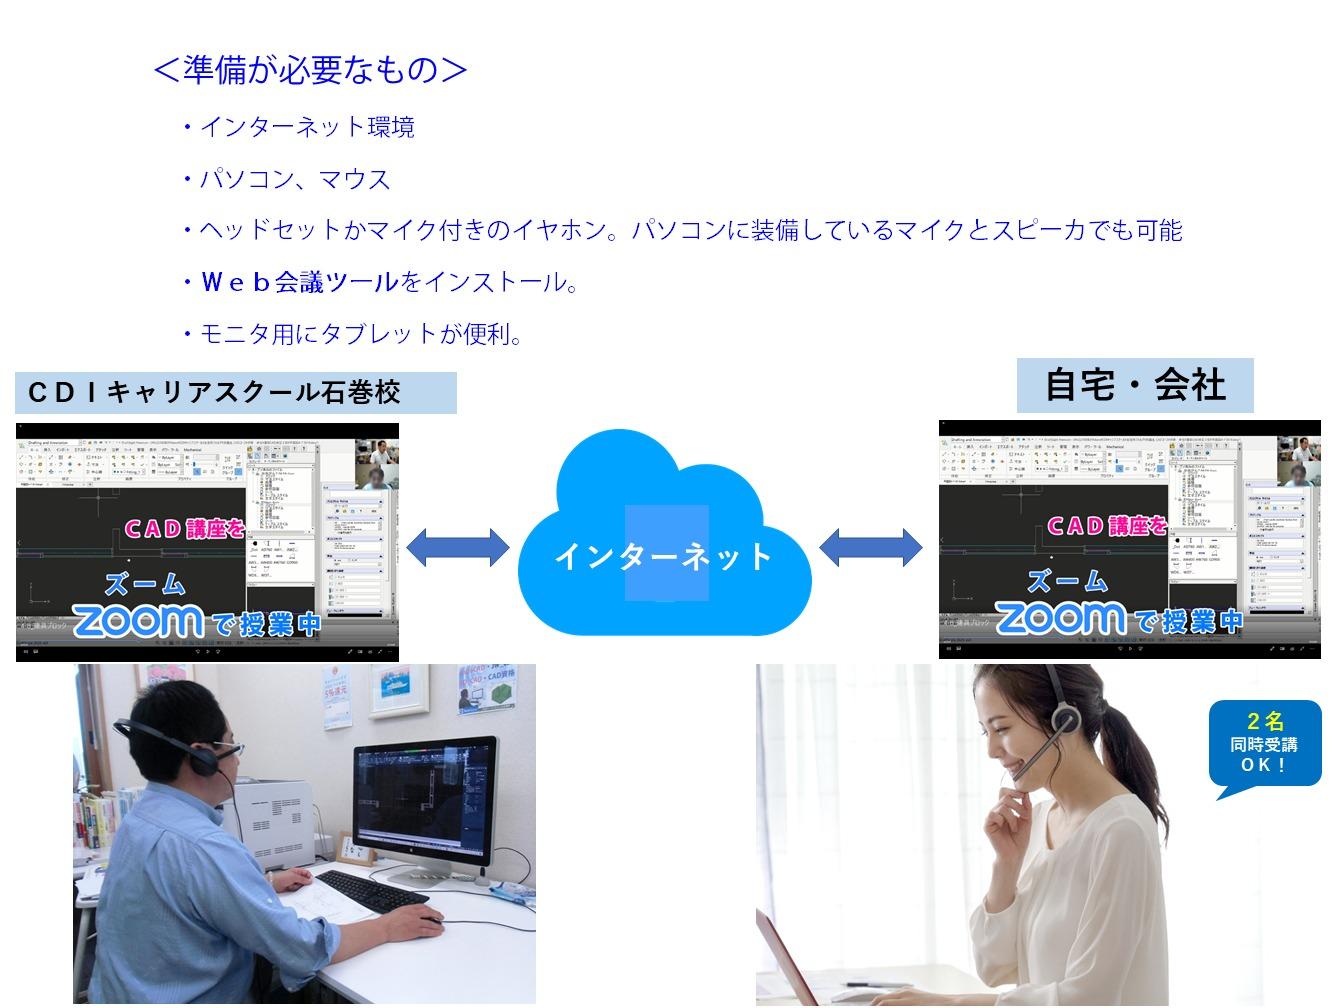 オンライン授業の説明2